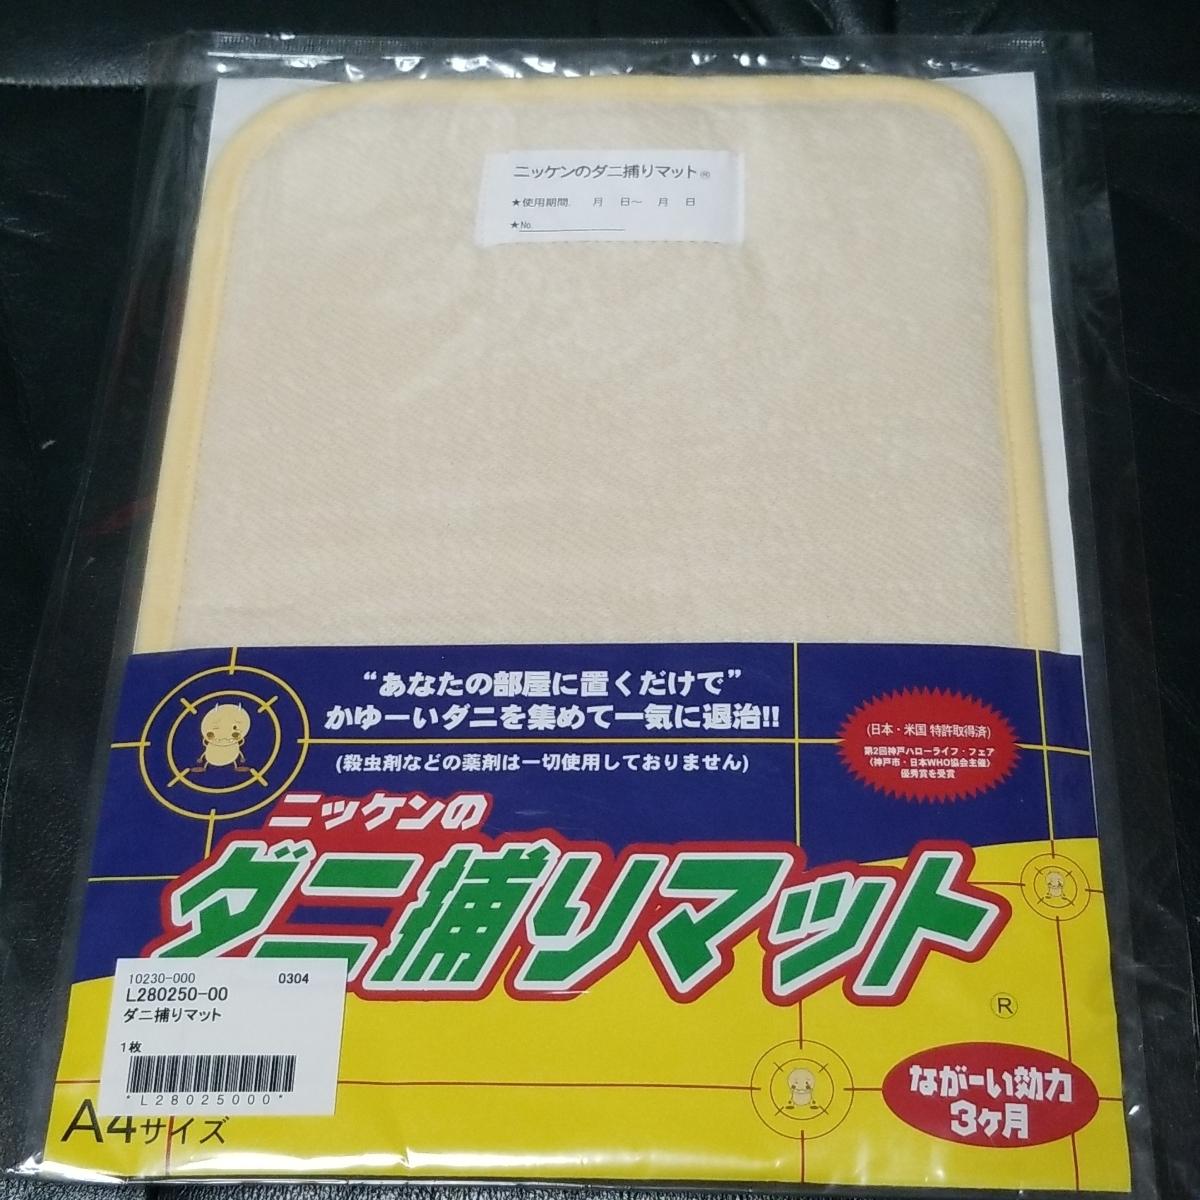 【新品】日革研究所 ニッケン ダニ捕りマット A4サイズ 3枚セット 送料無料!_画像2